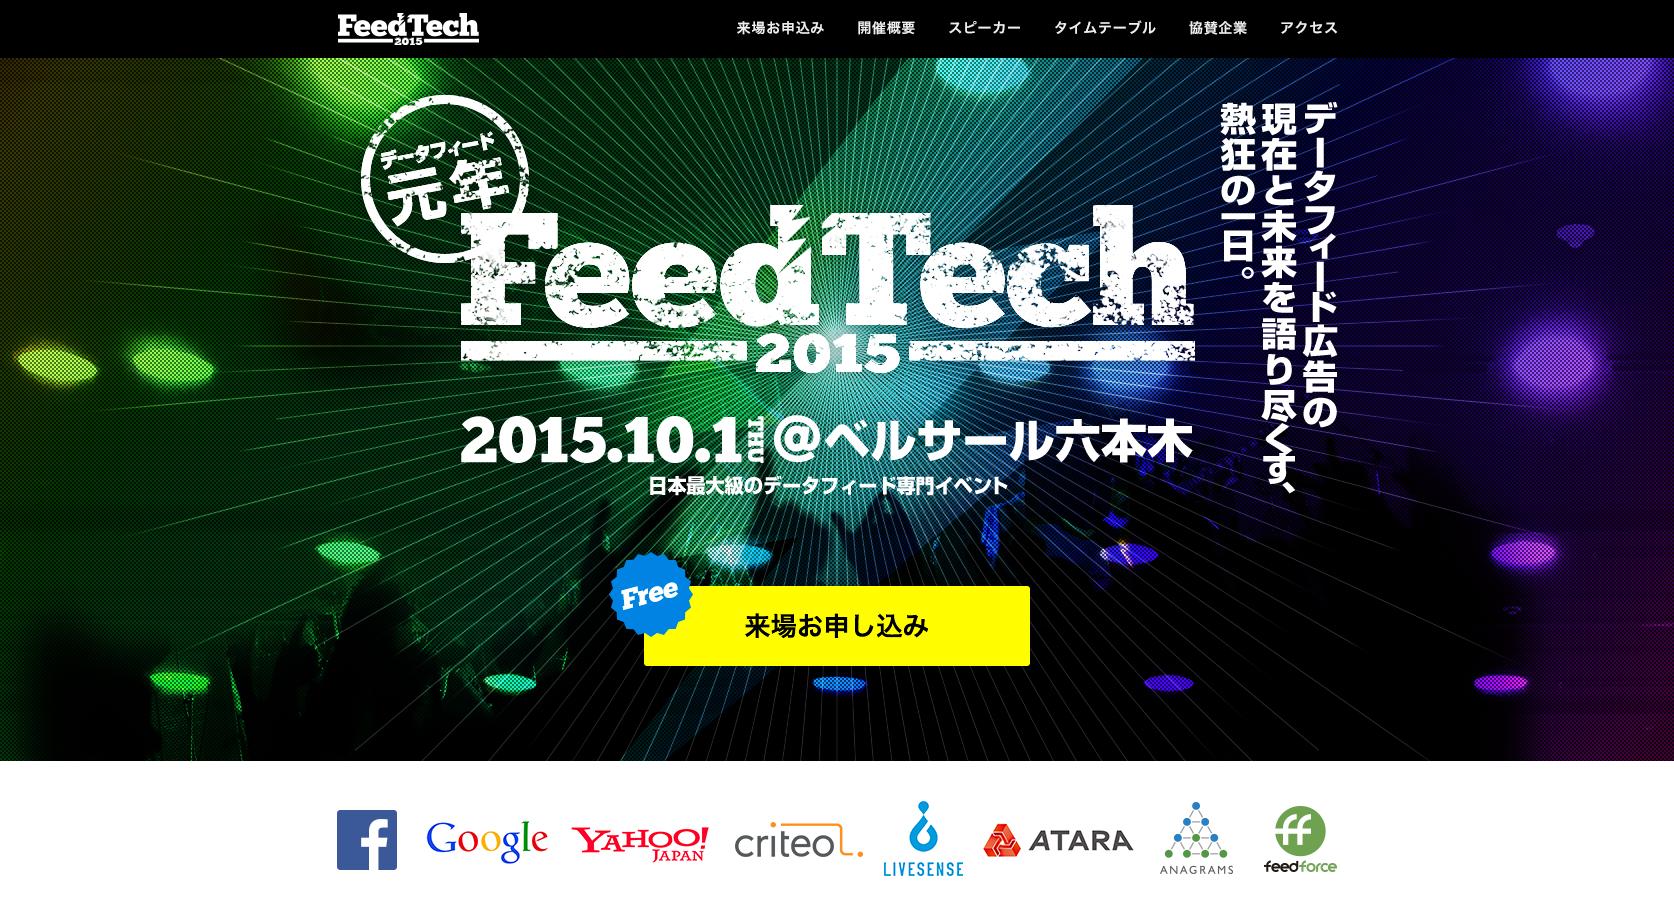 FeedTech2015_図1